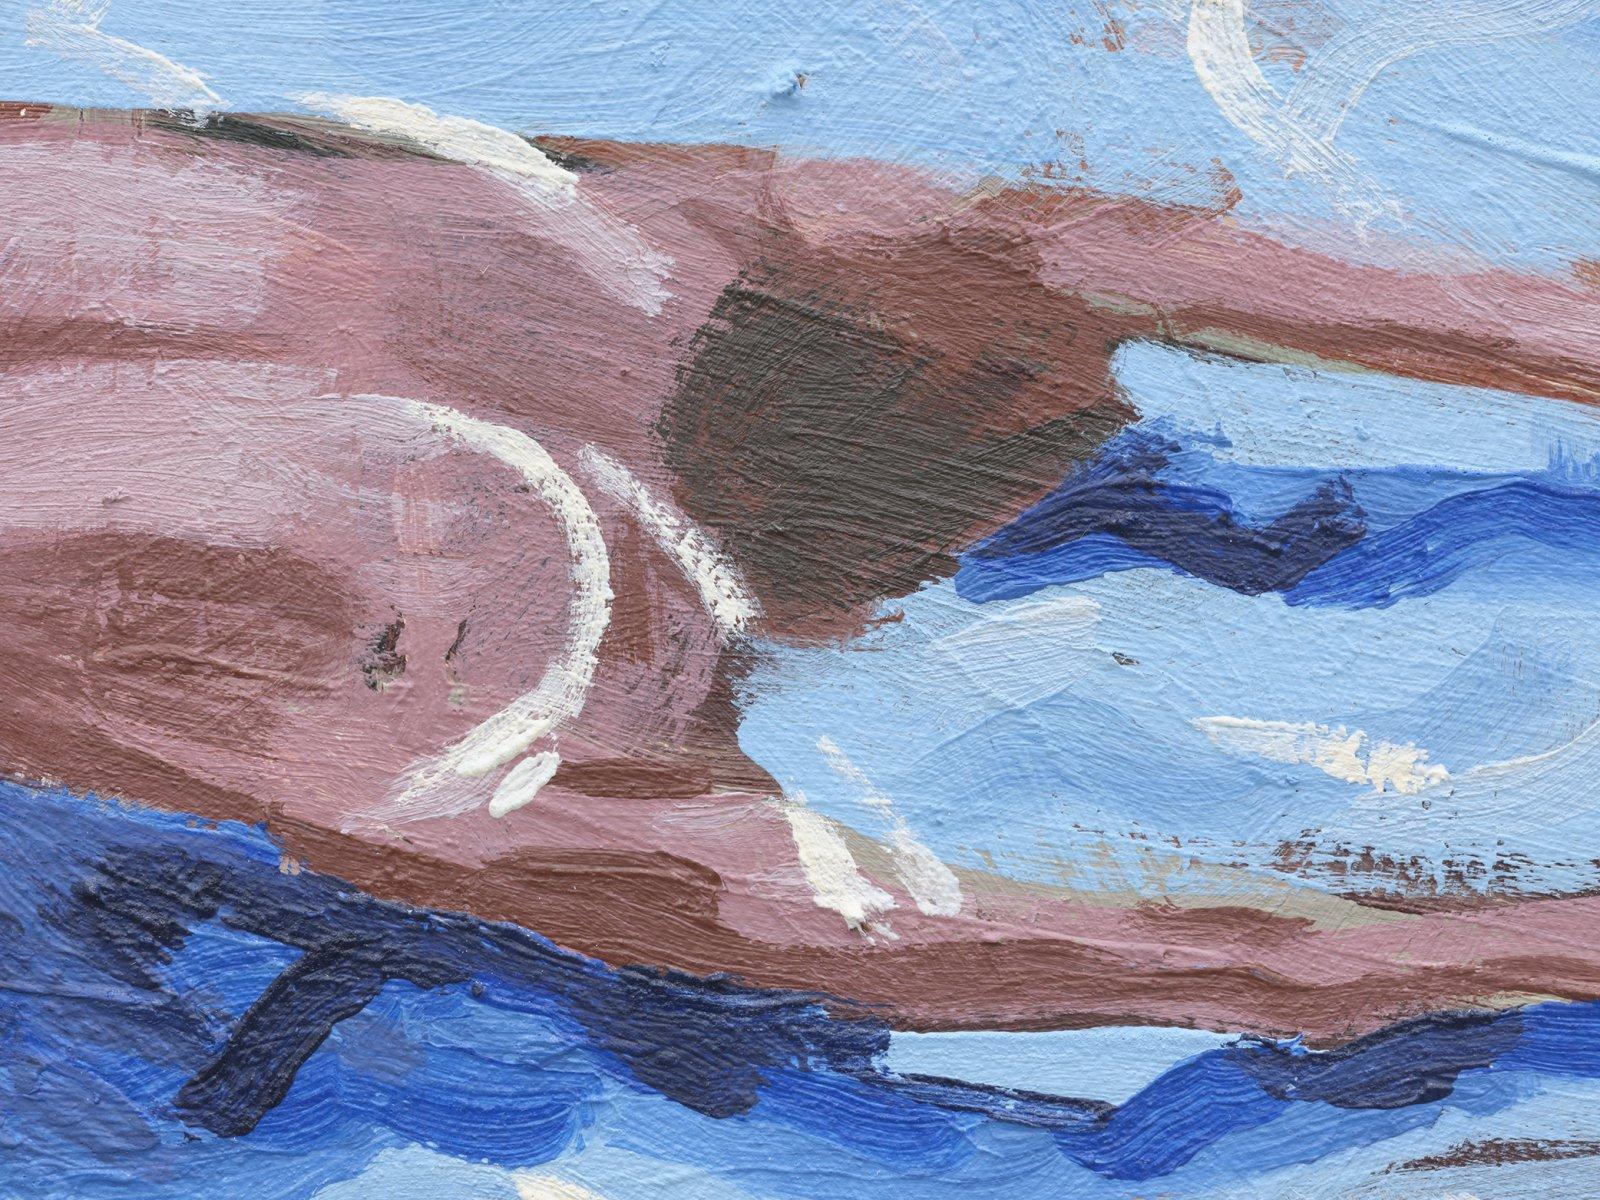 Damian Moppett, Untitled (Blue Pool) (detail), 2020, oil on canvas, 20 x 25 in. (51 x 64 cm) by Damian Moppett